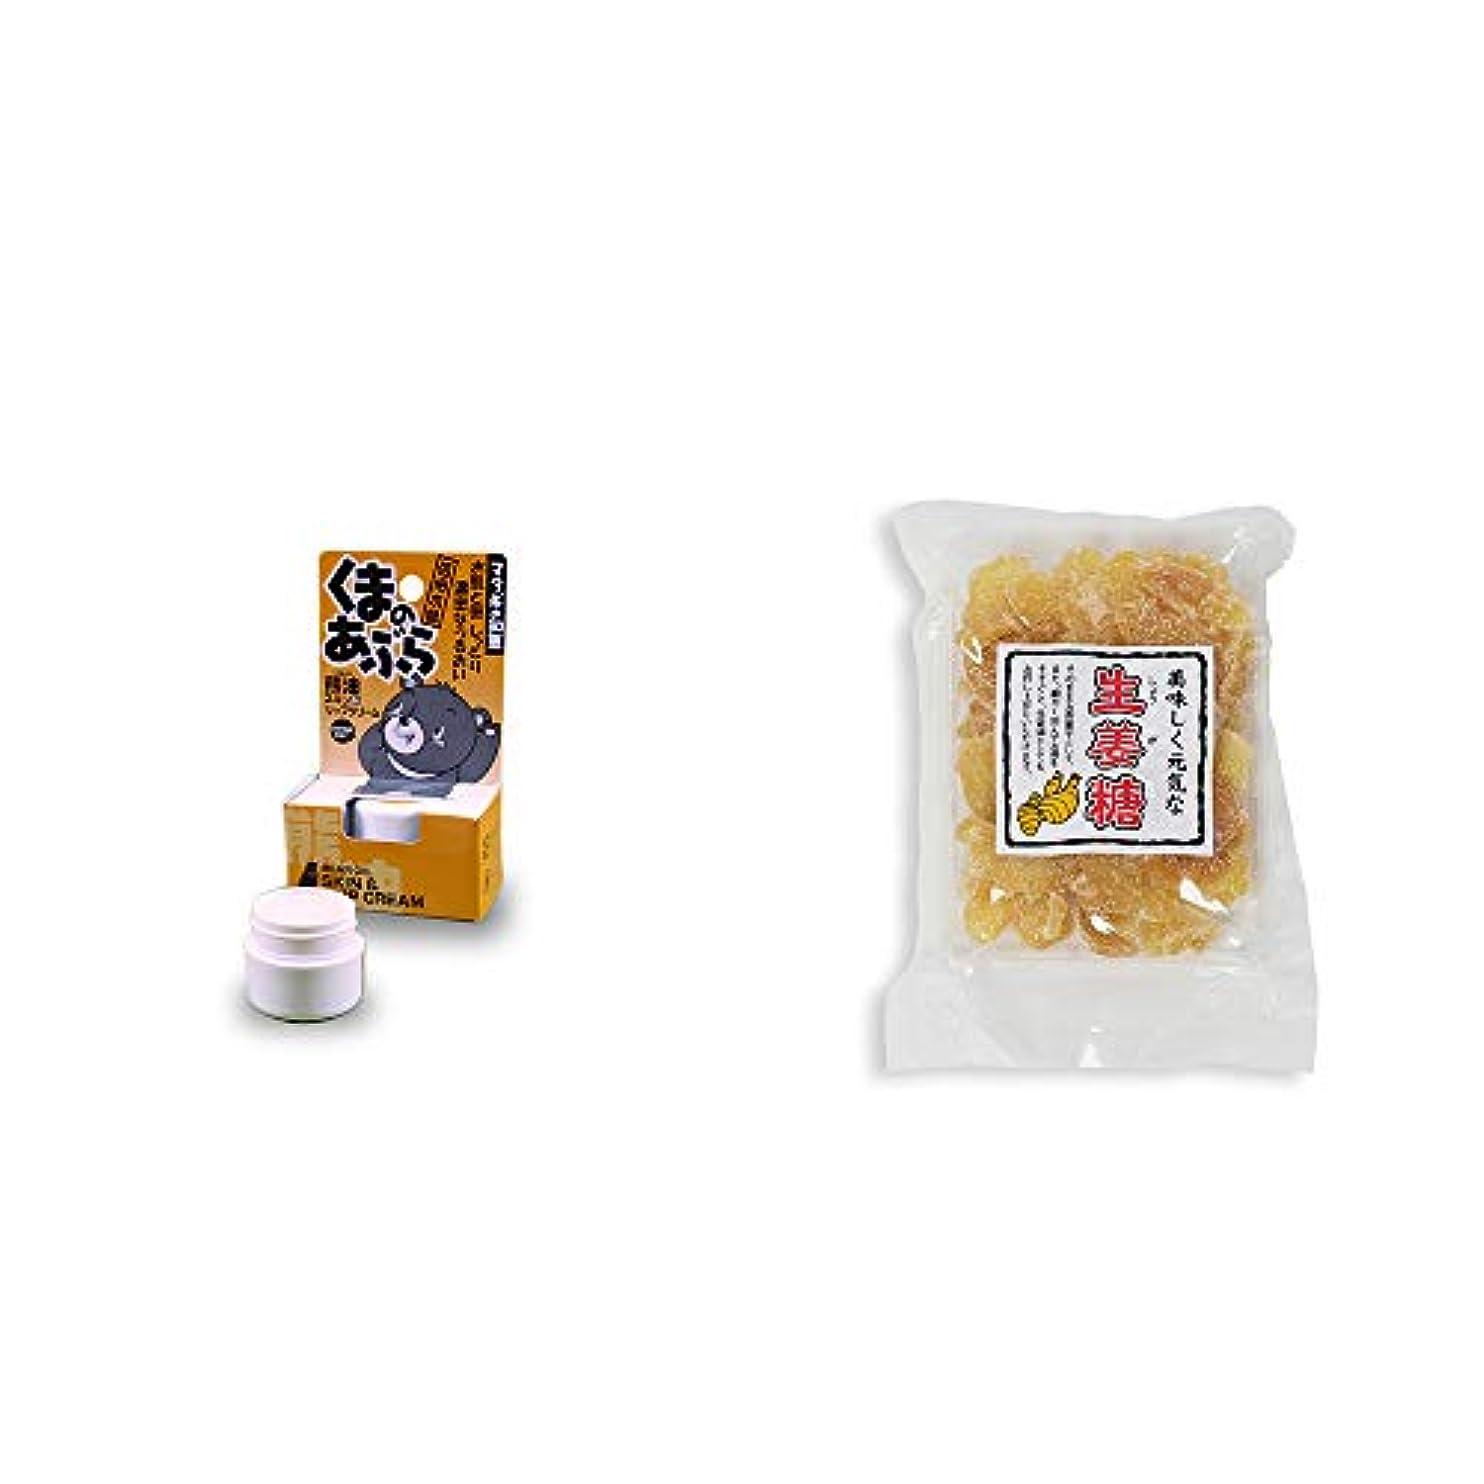 クルーそこ磁石[2点セット] 信州木曽 くまのあぶら 熊油スキン&リップクリーム(9g)?生姜糖(230g)